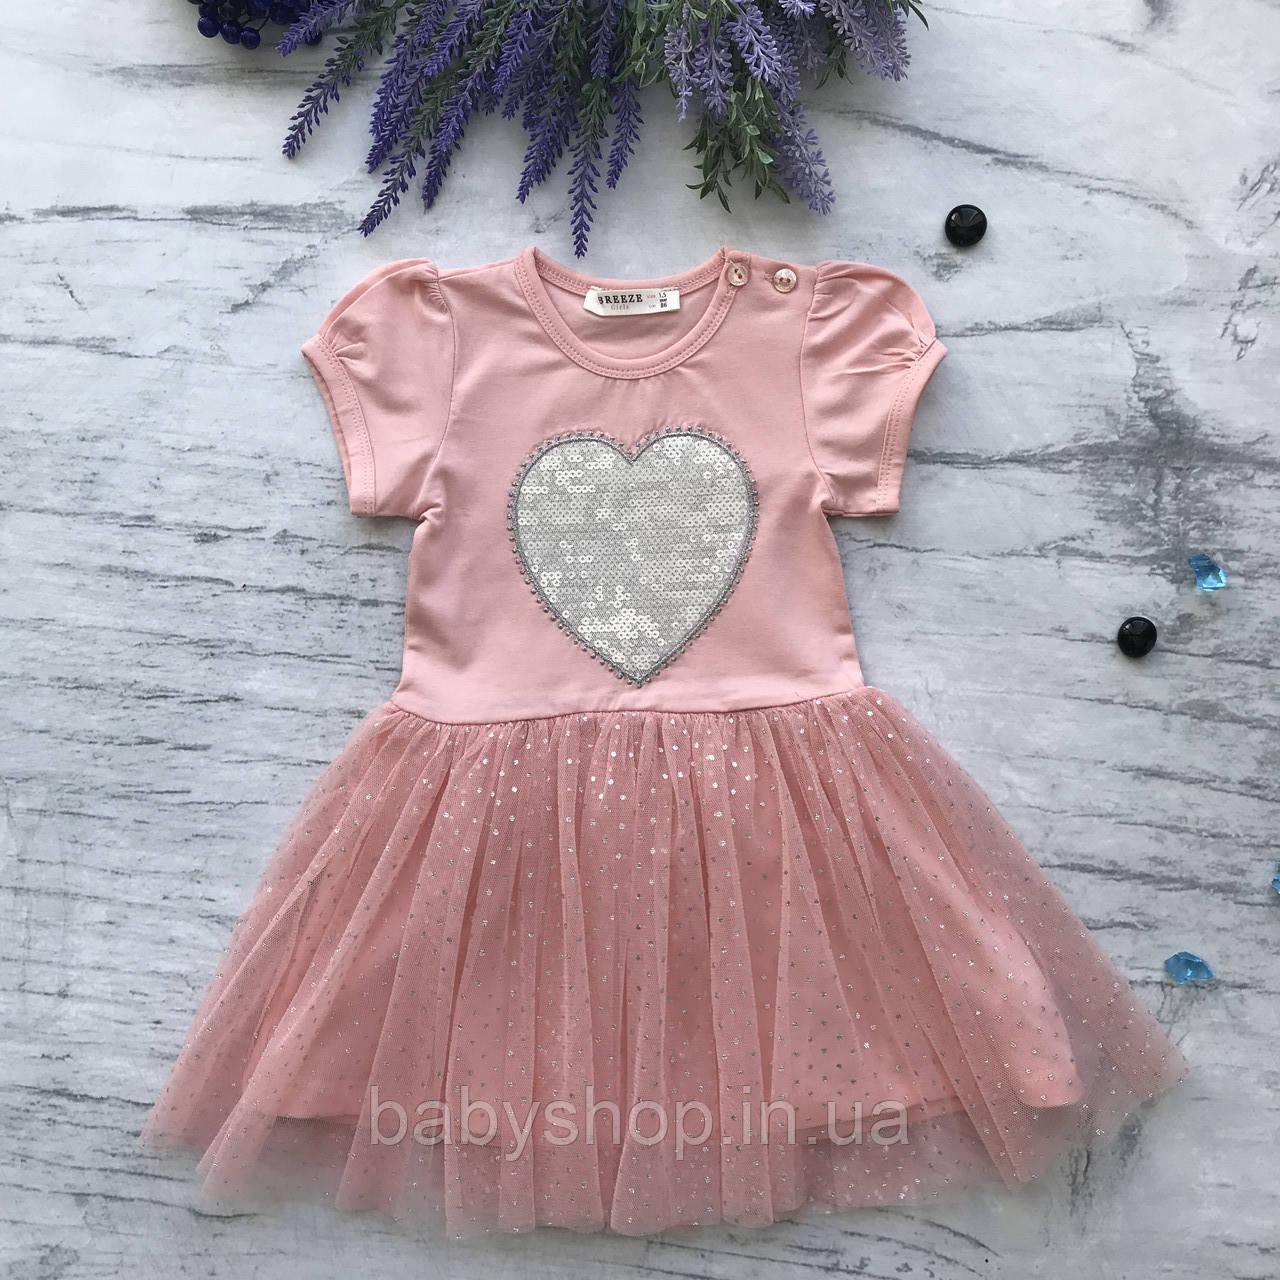 Летнее платье на девочку Breeze 112. Размеры 86 см, 104 см, 110 см